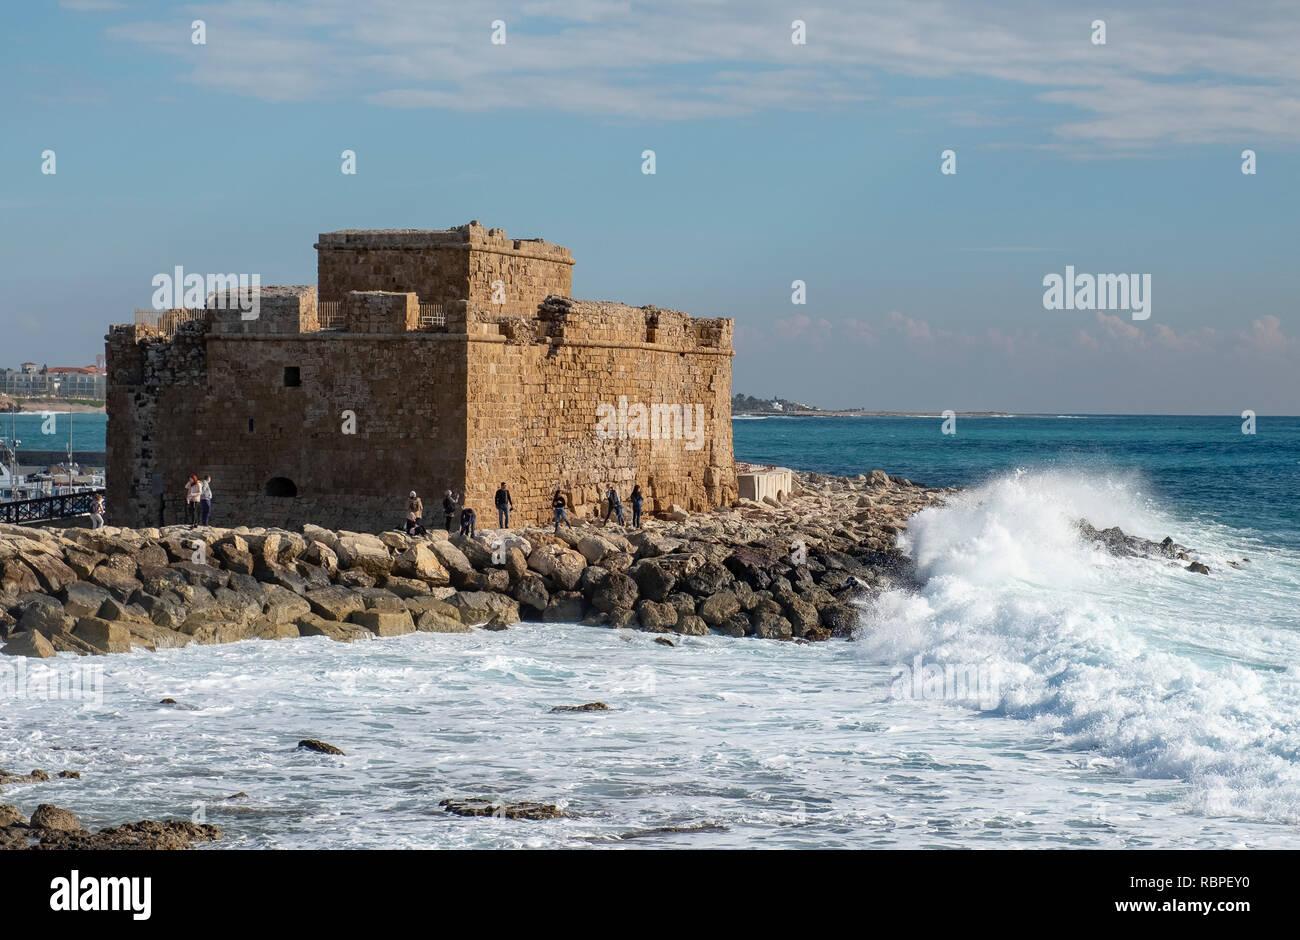 Paphos Castle, Paphos, Cyprus - Stock Image